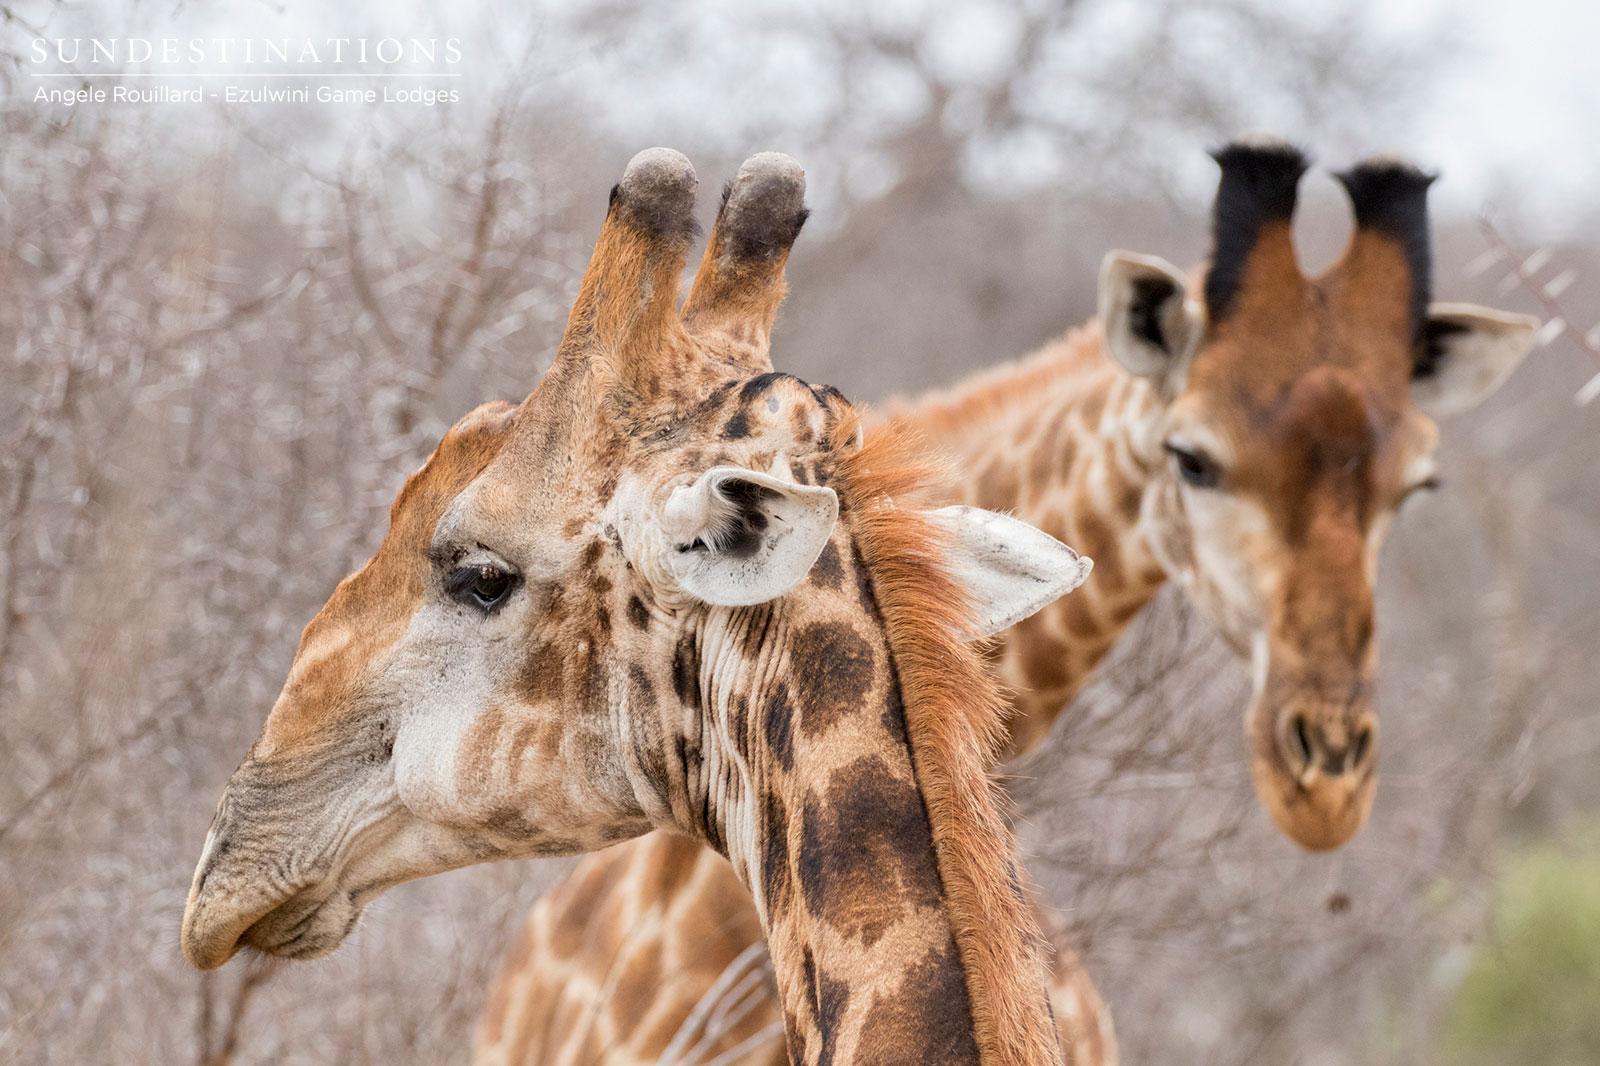 Ezulwini Game Lodges Giraffe